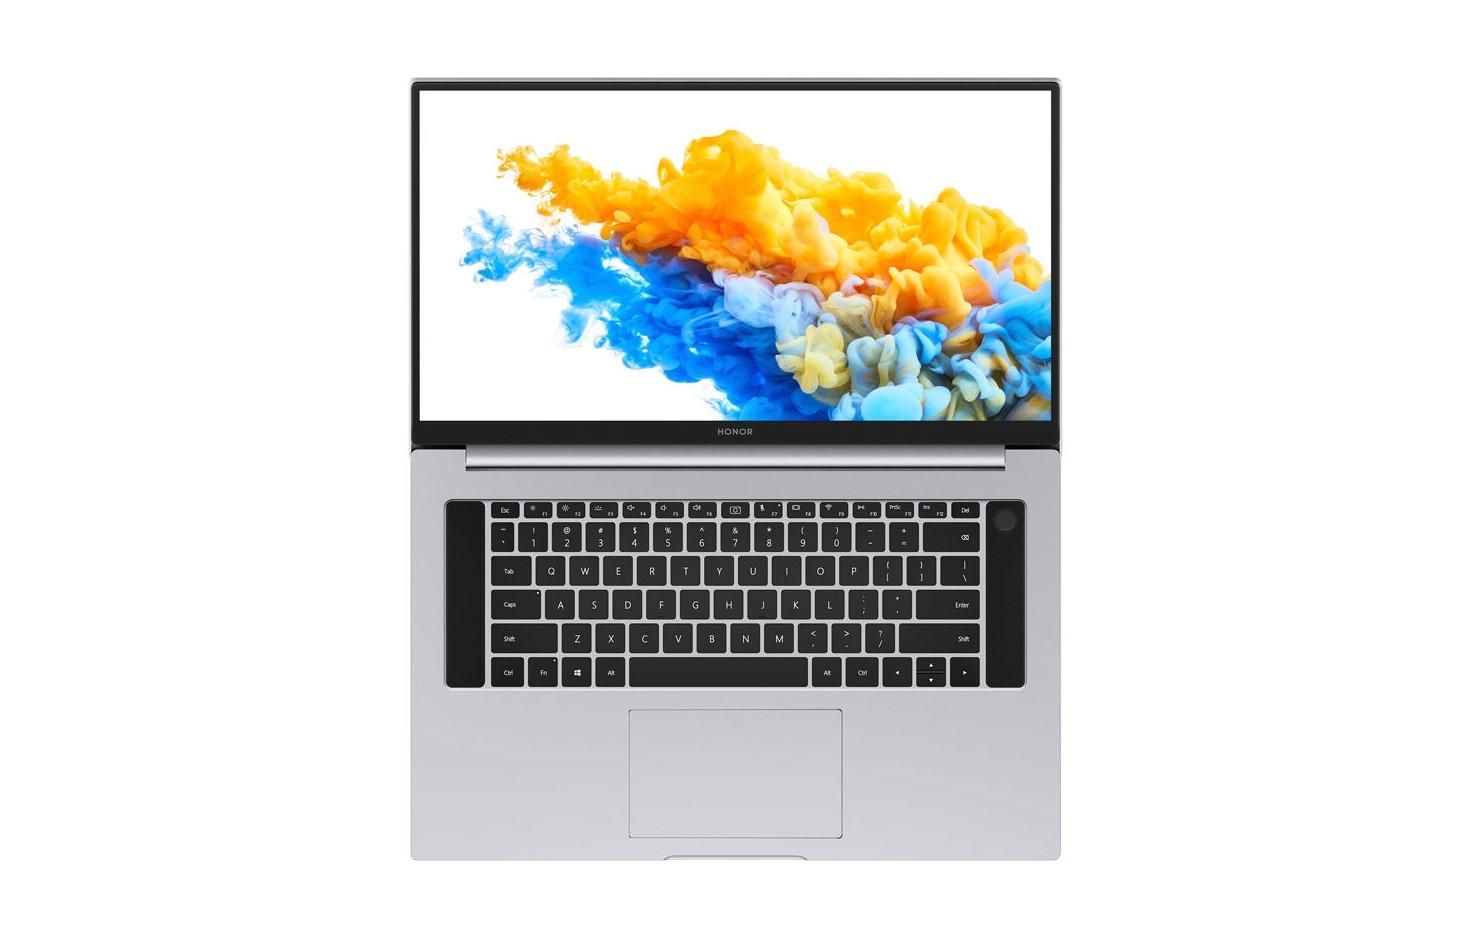 Honor ma nowego laptopa: MagicBook Pro 2020 z 16,1-calowym ekranem